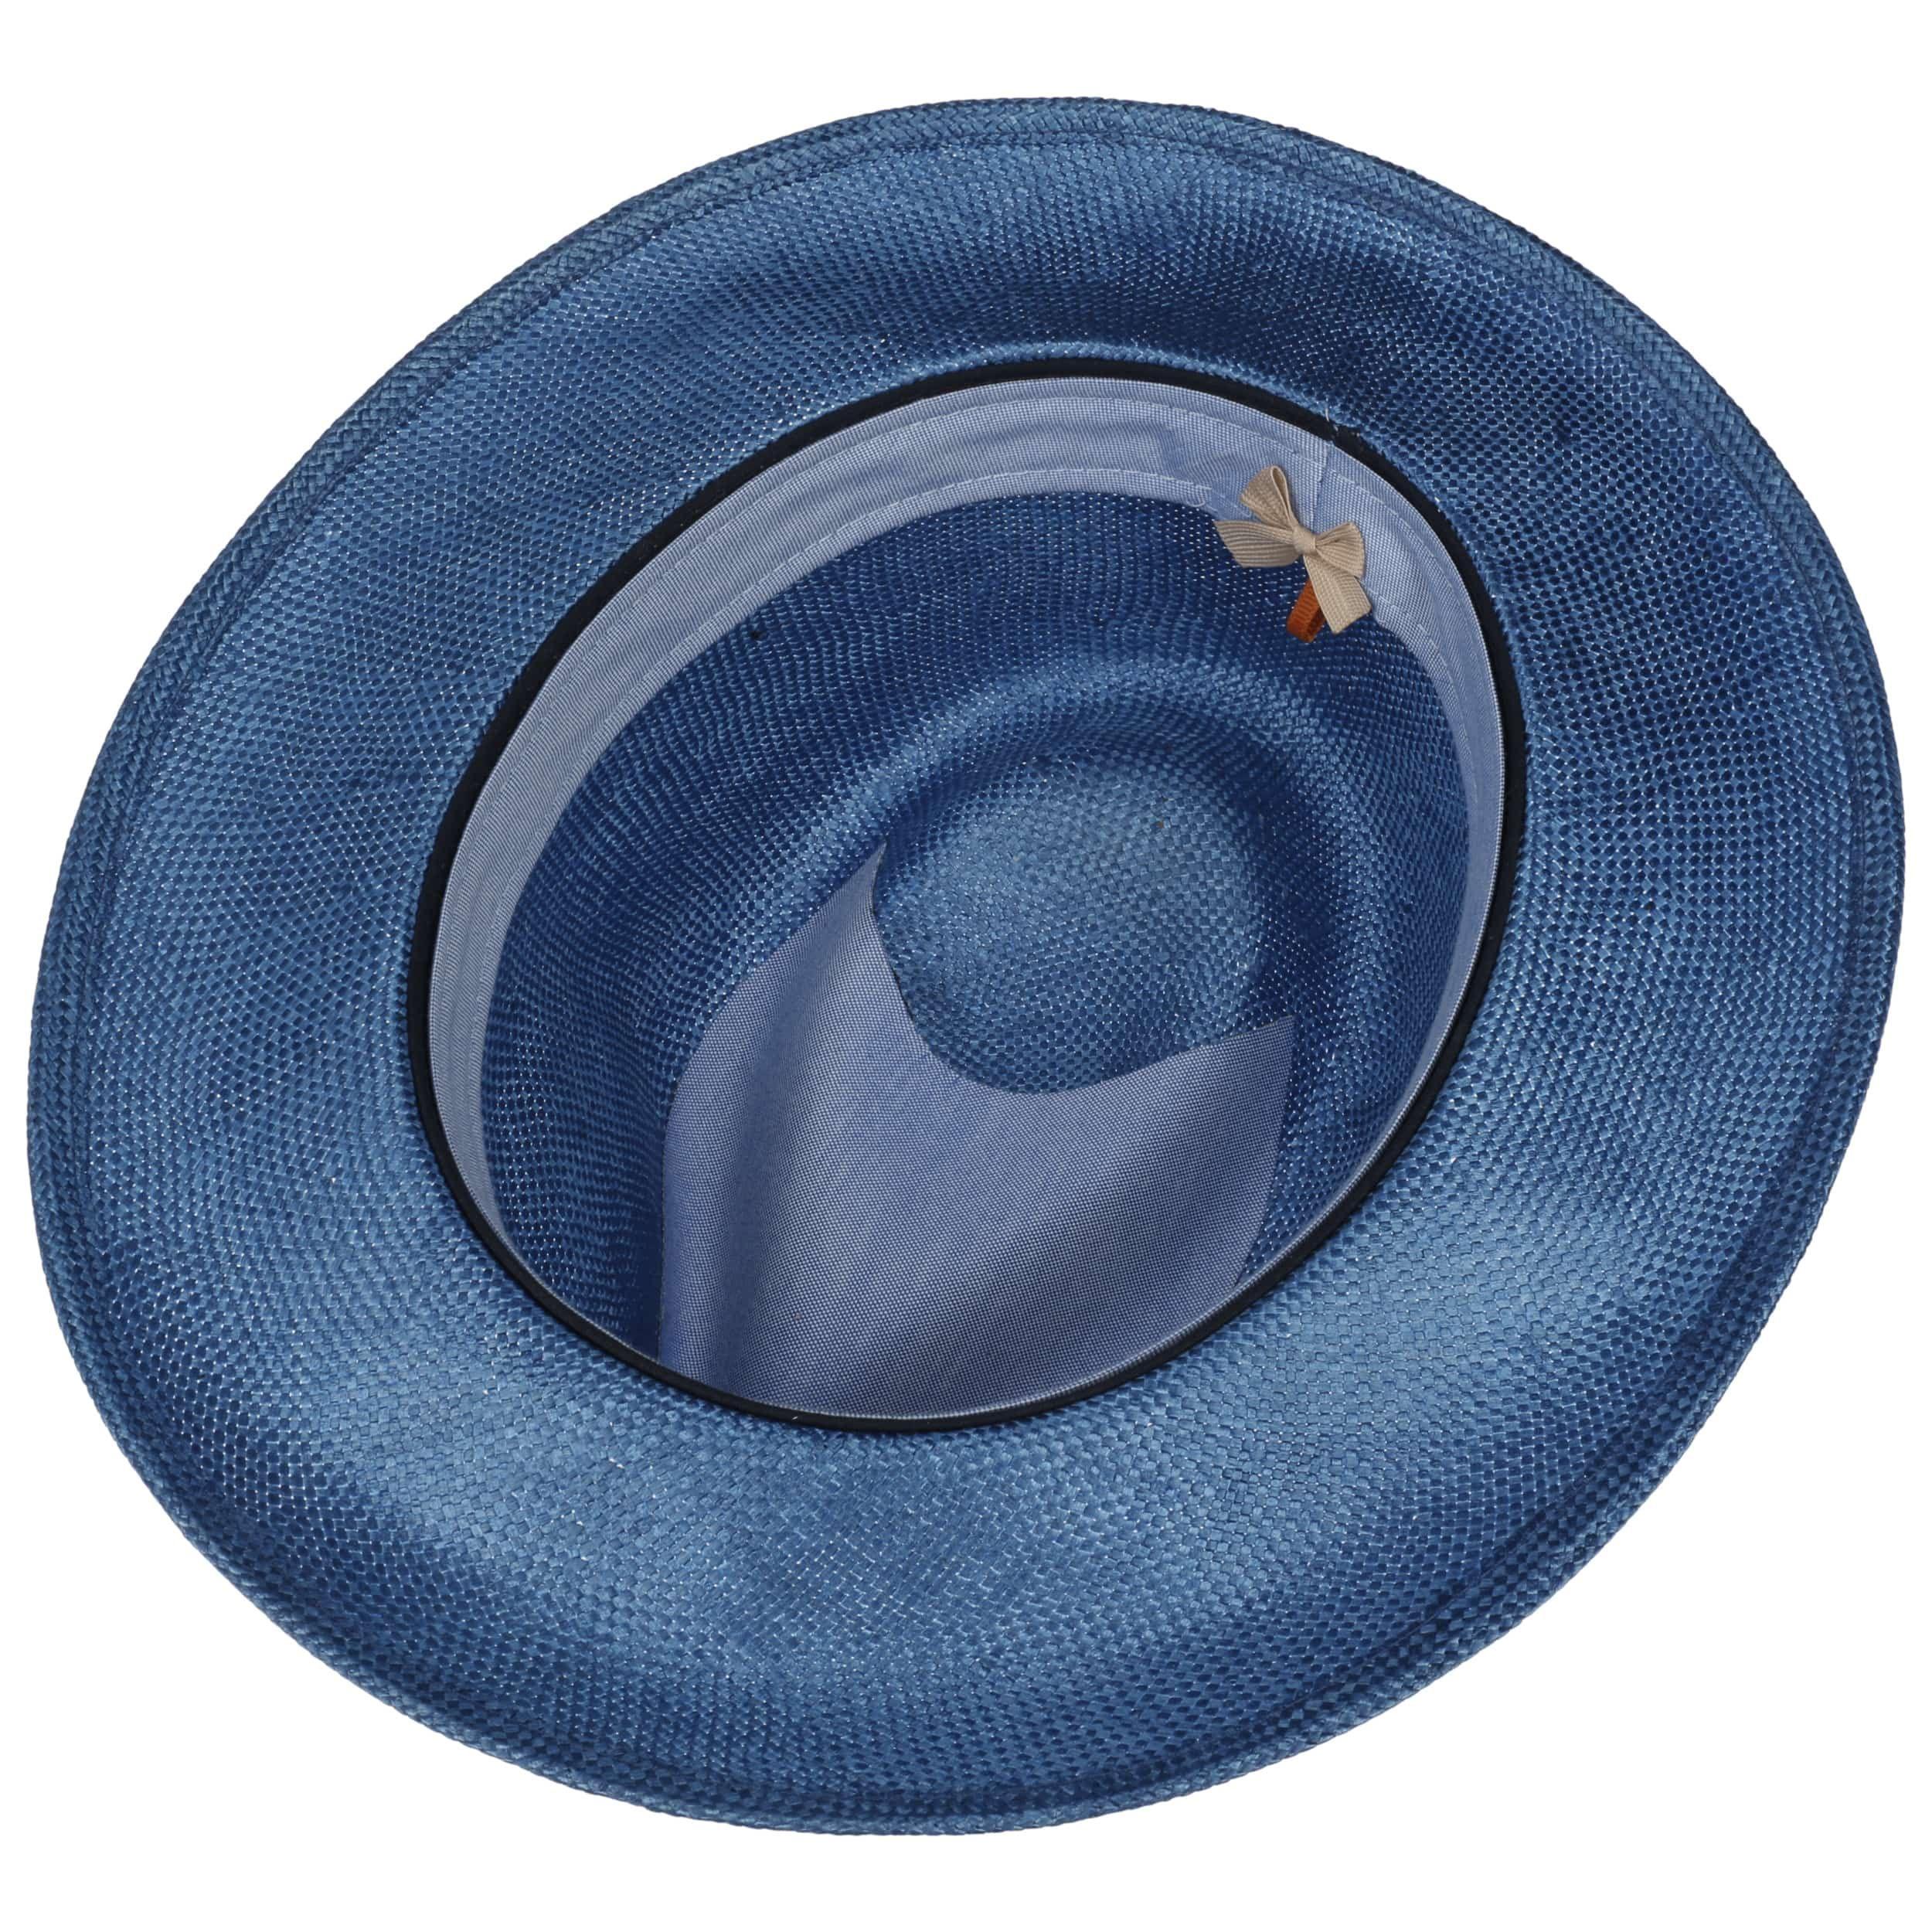 Delacon Viscose Traveller Hat light blue